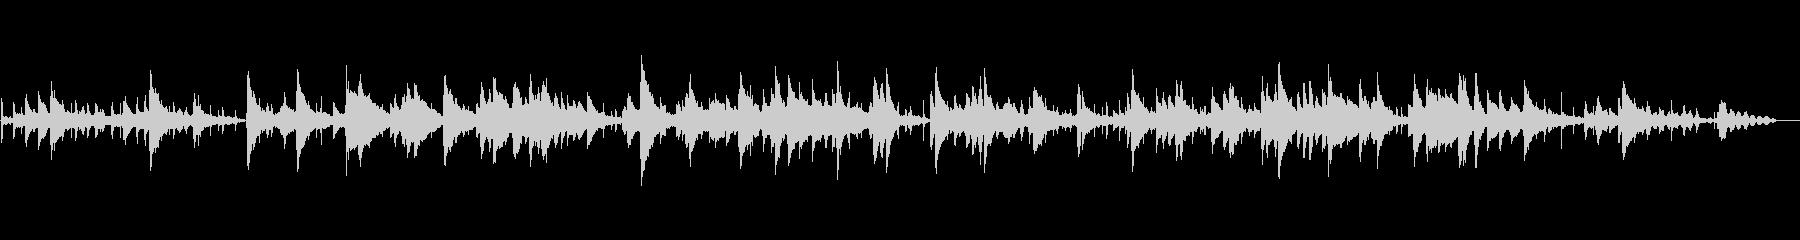 ジャズ 静か クール ハイテク ア...の未再生の波形